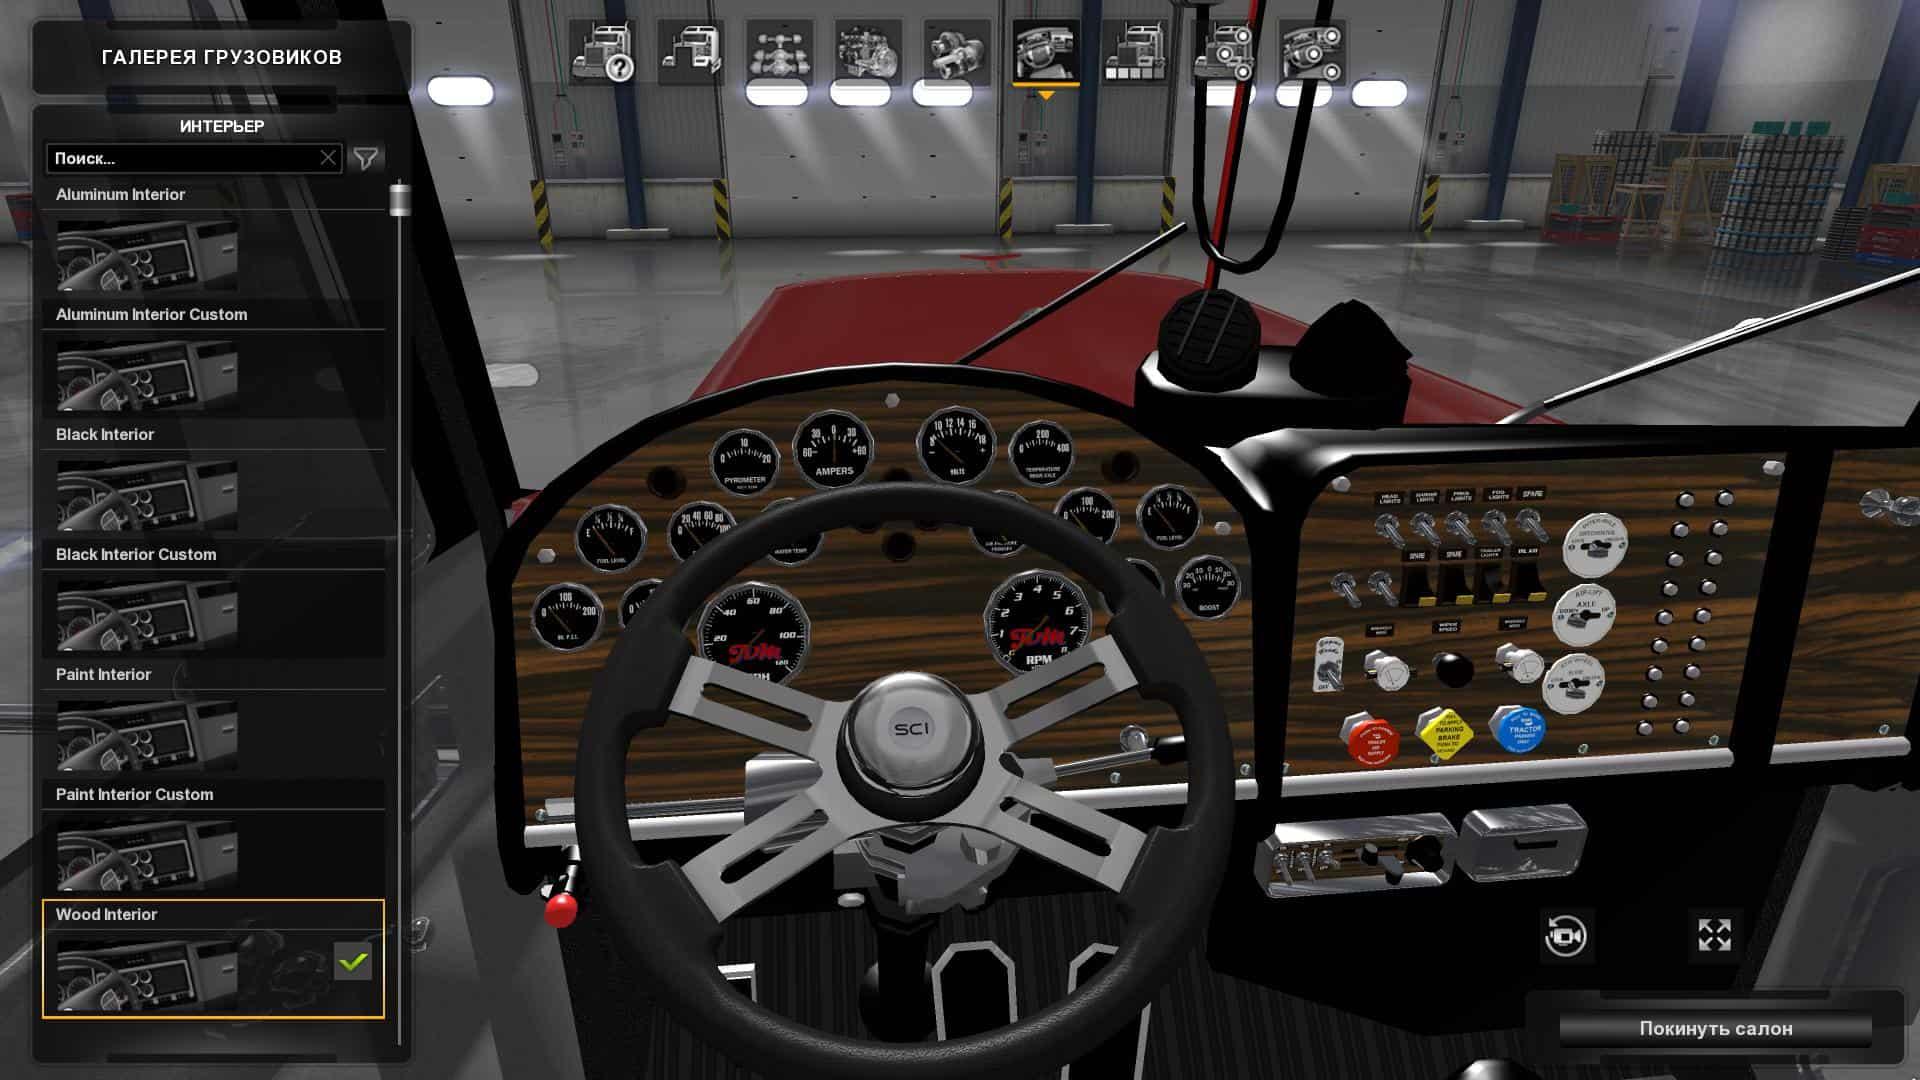 Peterbilt 359 Interior